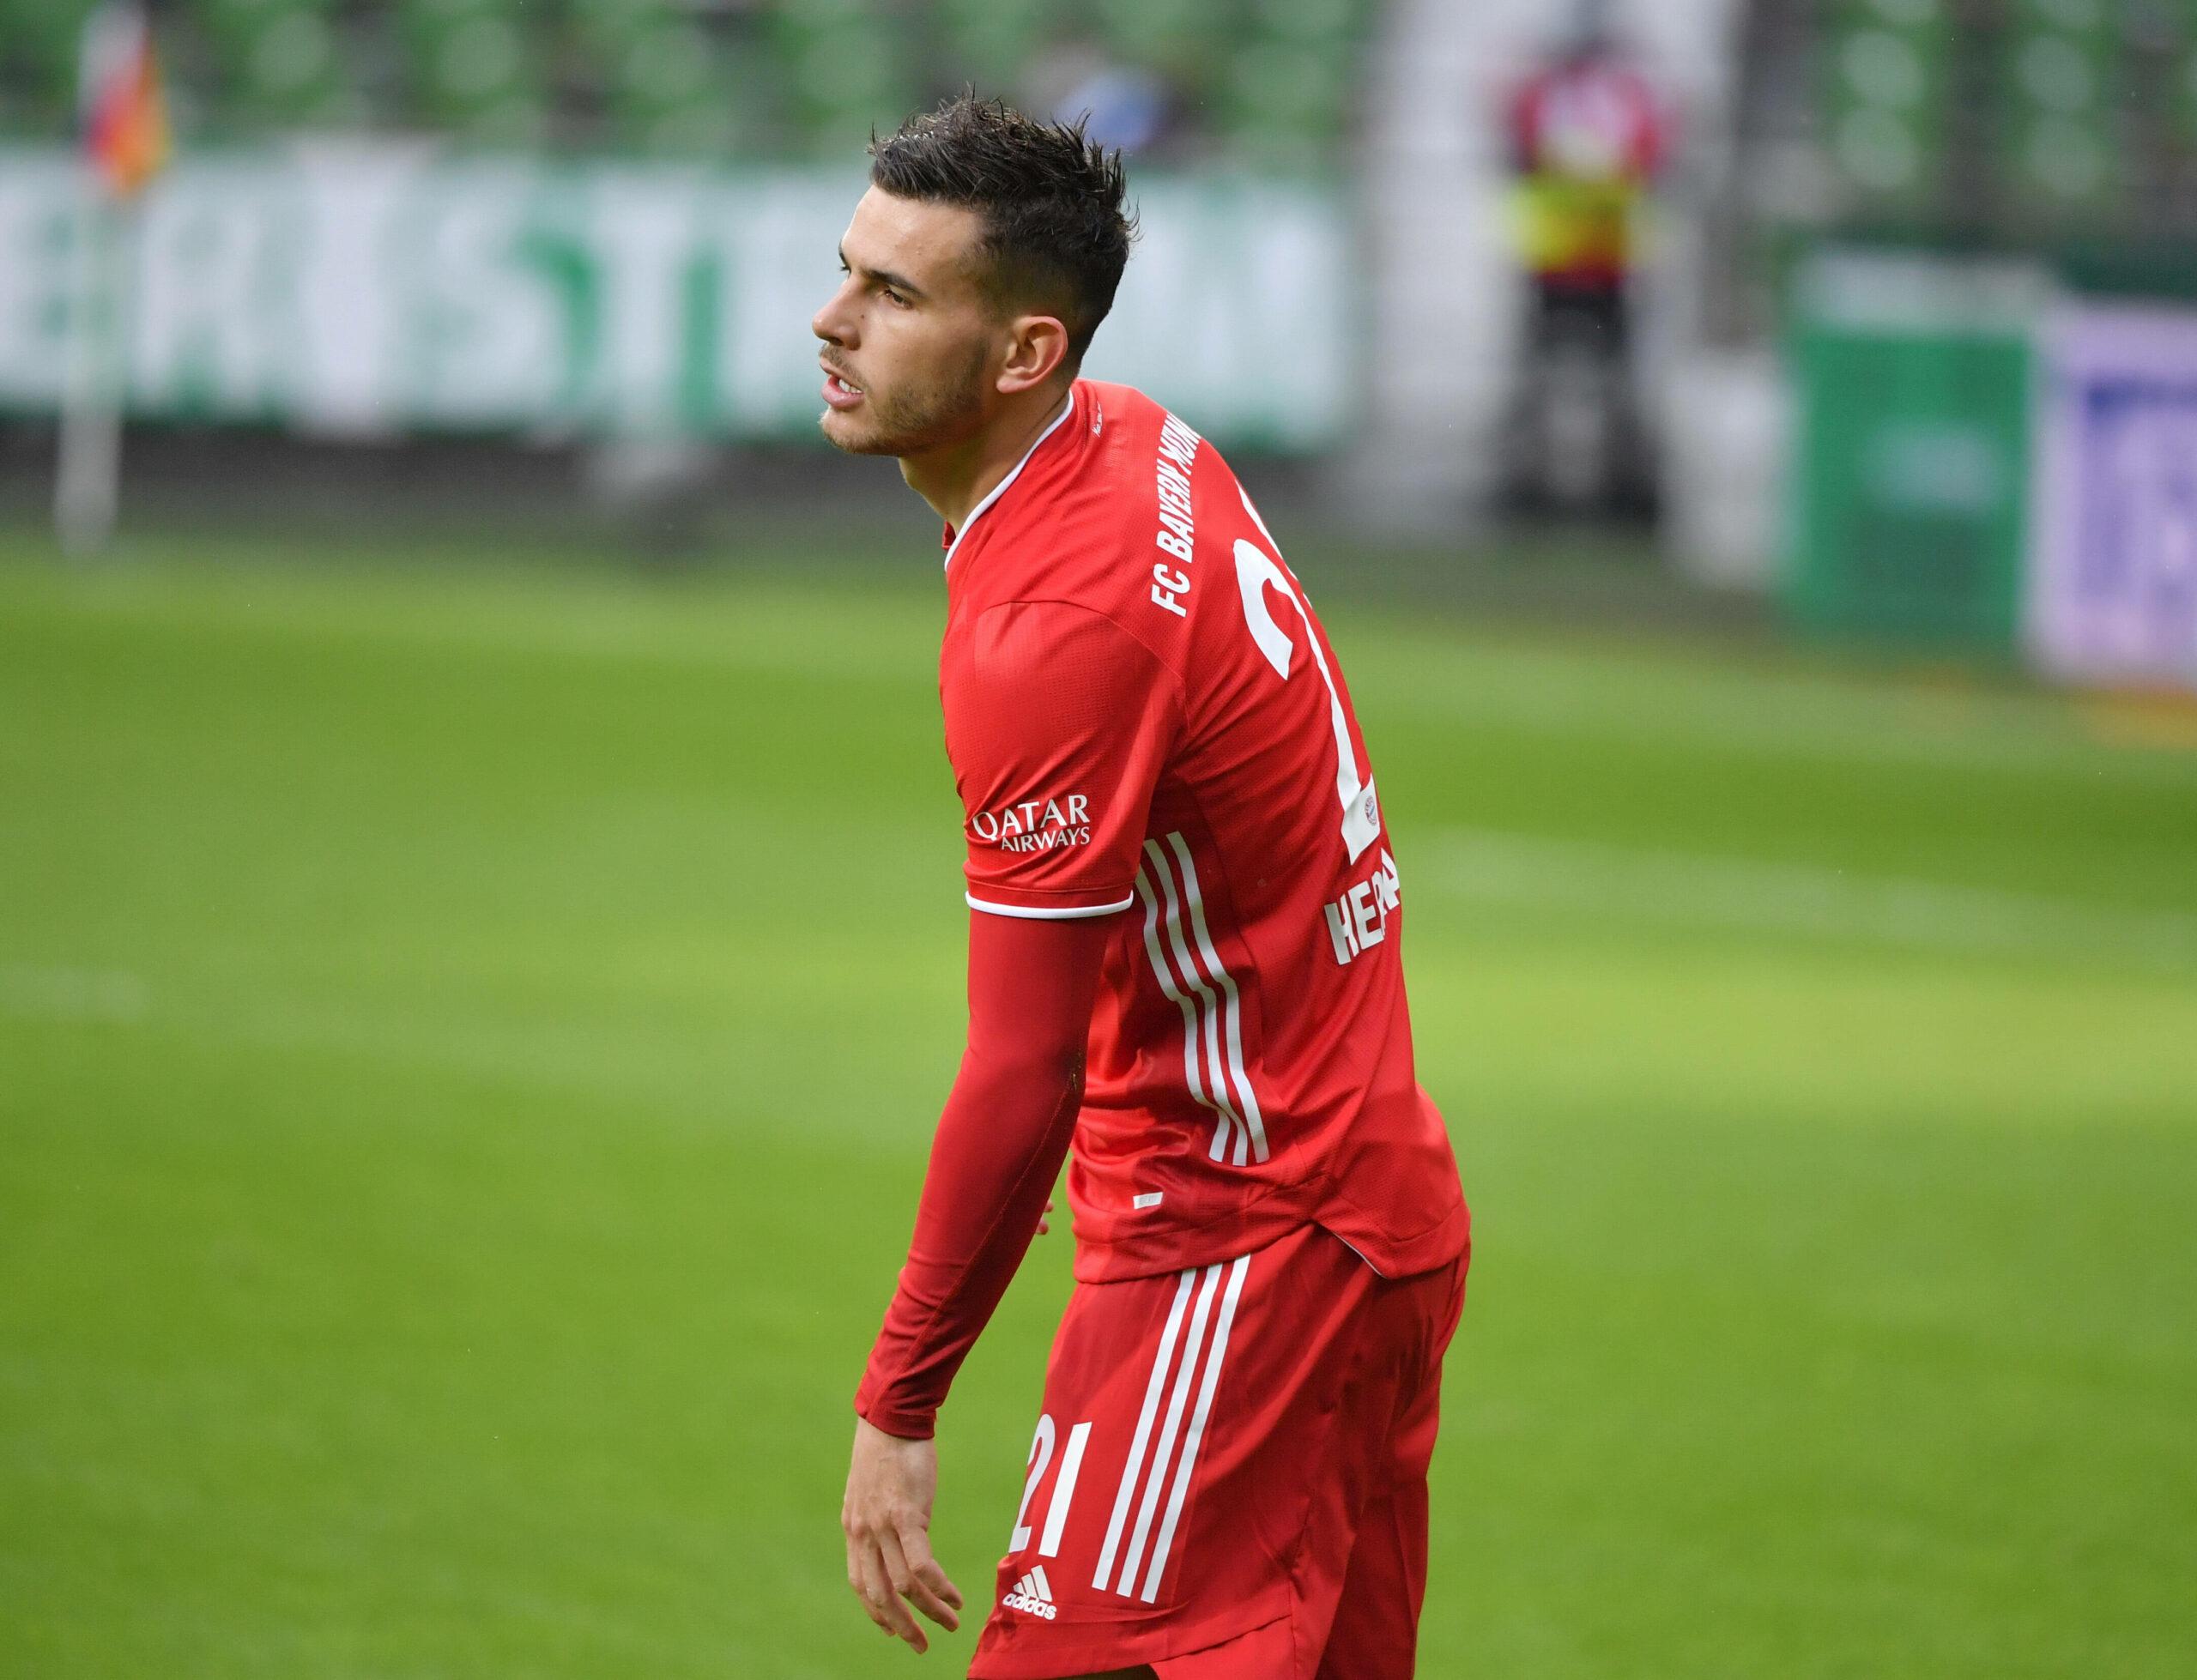 Lucas Hernandez (FC Bayern München) im Spiel gegen Werder Bremen